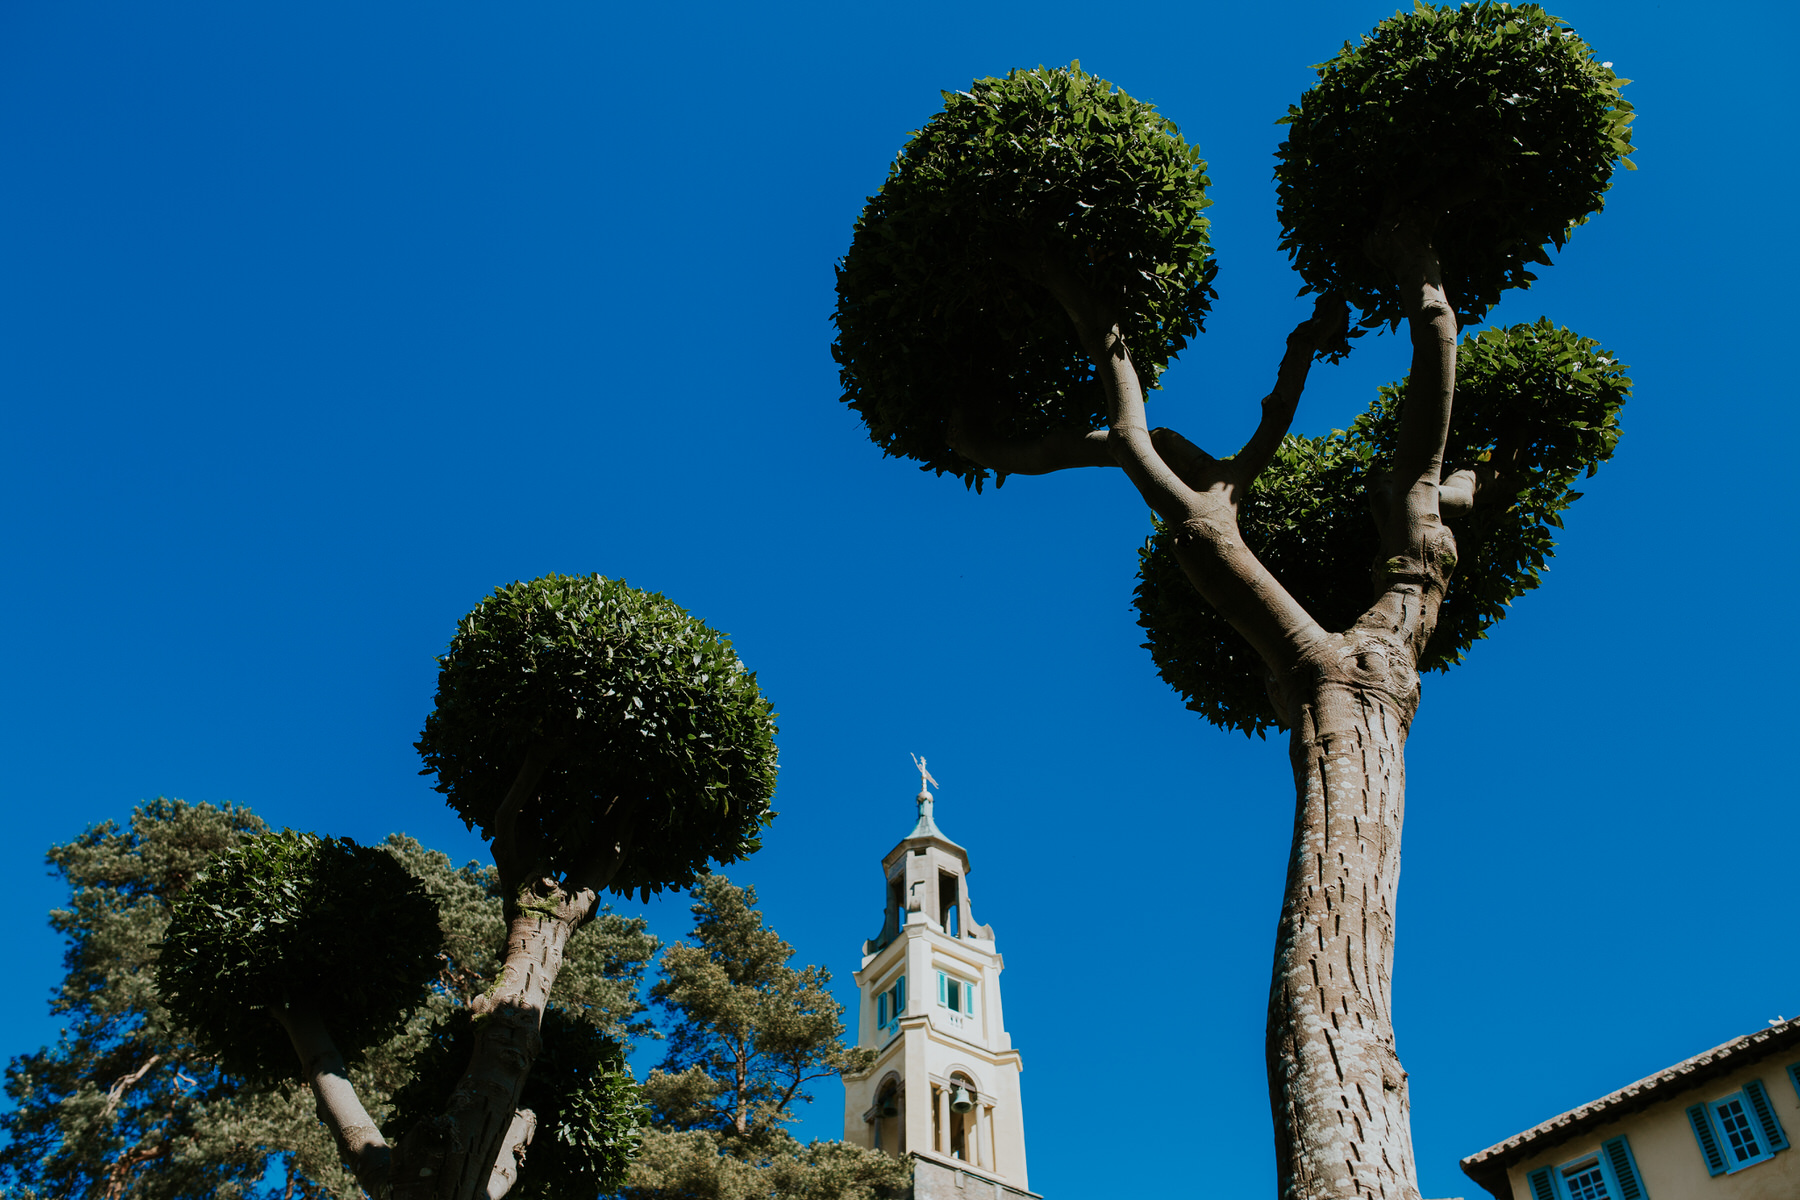 766 Portmeirion topiary blue sky.jpg